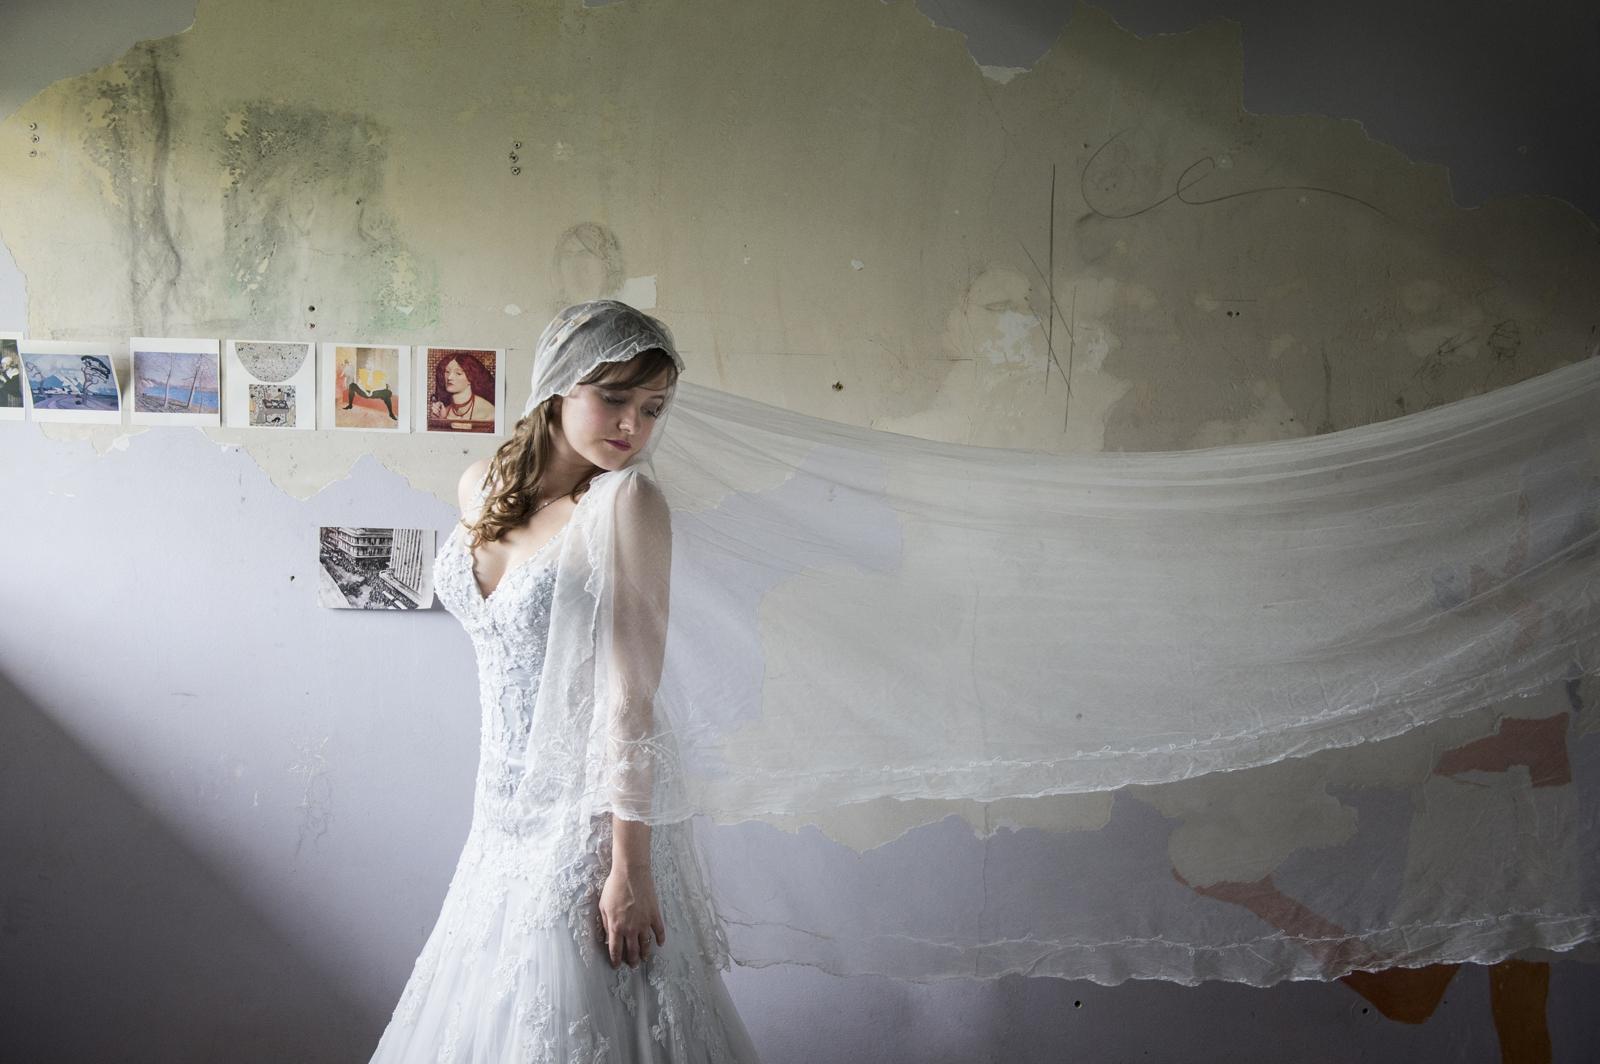 Gypsy bride with vintage veil